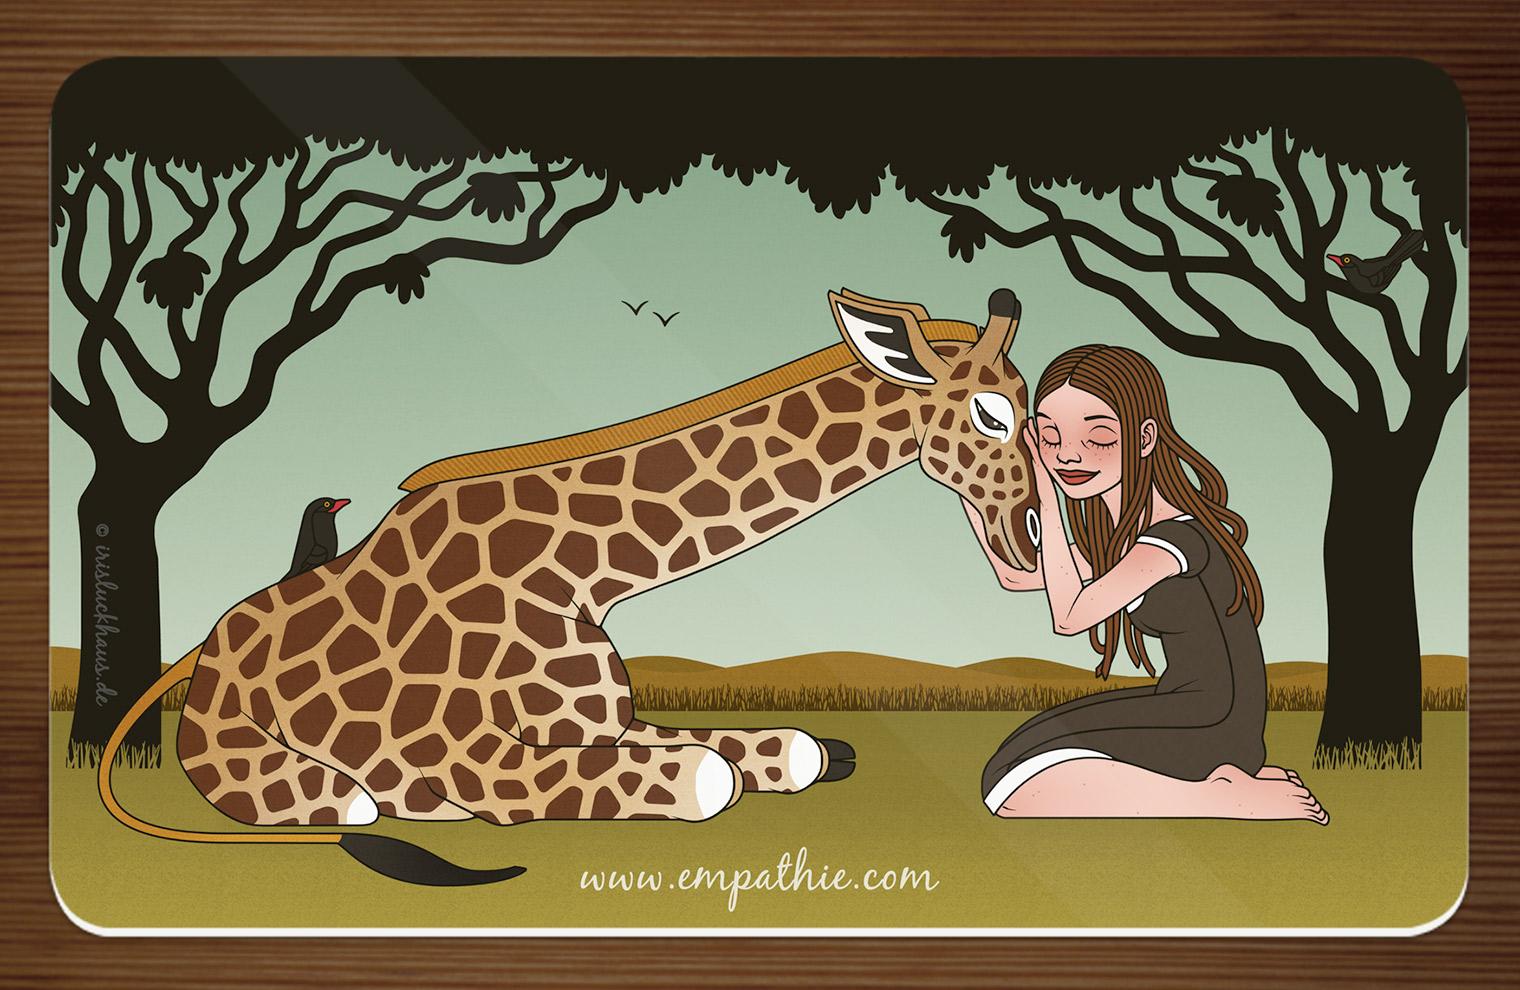 Frühstücksbrettchen mit einer Zeichnung von Mädchen und Giraffe als Freundinnen in der Savanne für den Empathie-Trainer EmpaTrain